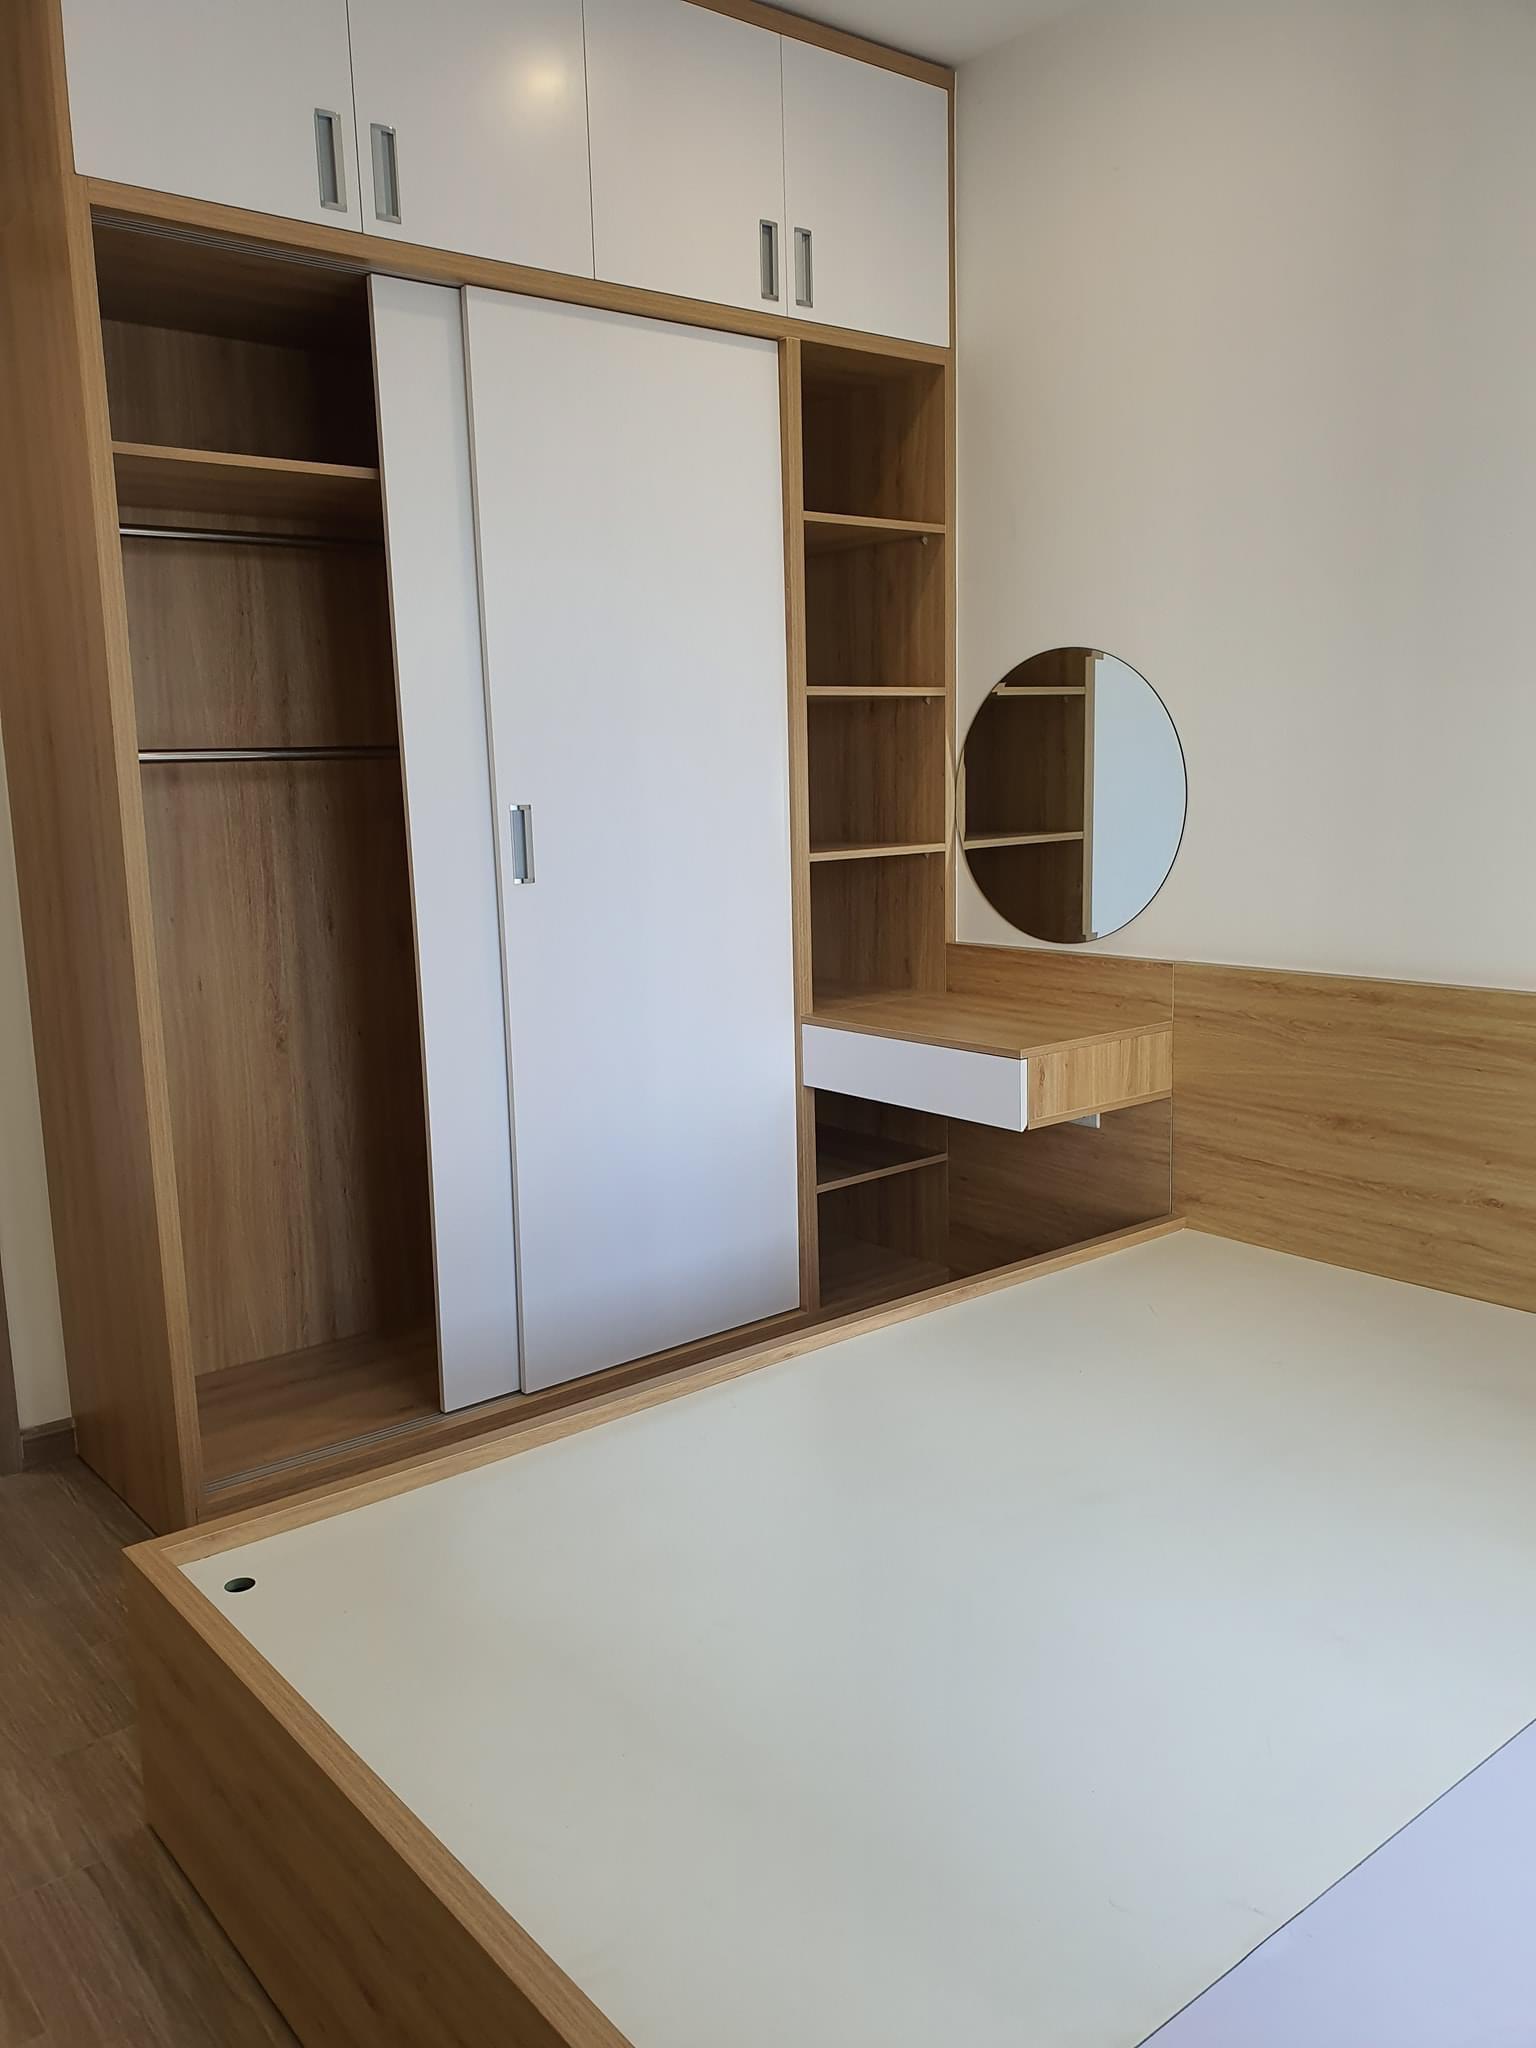 Căn hộ 2 phòng ngủ 1 Toilet tầng 17 toà S1.06 Nội thất giá 7tr/tháng 7